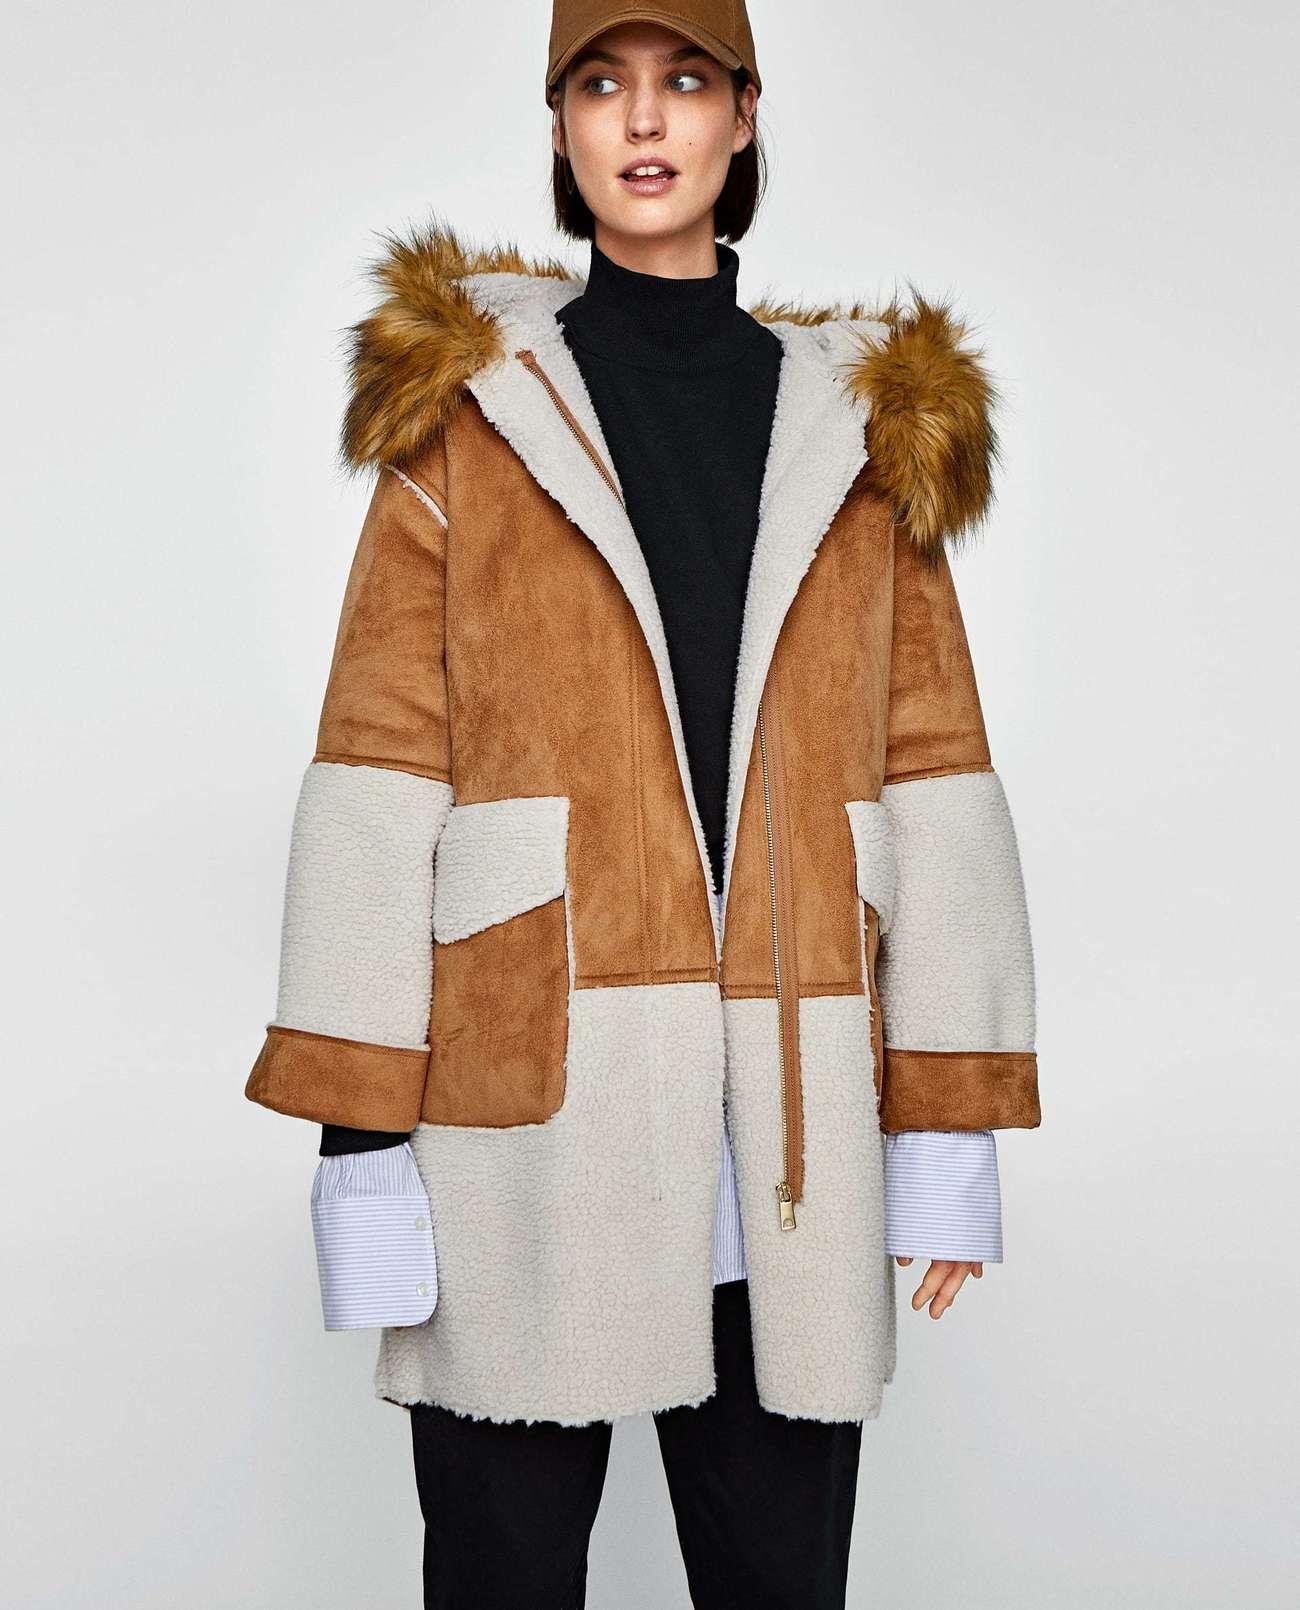 Abrigo de doble material con borrego, de Zara (de 69,95 a 39,95...